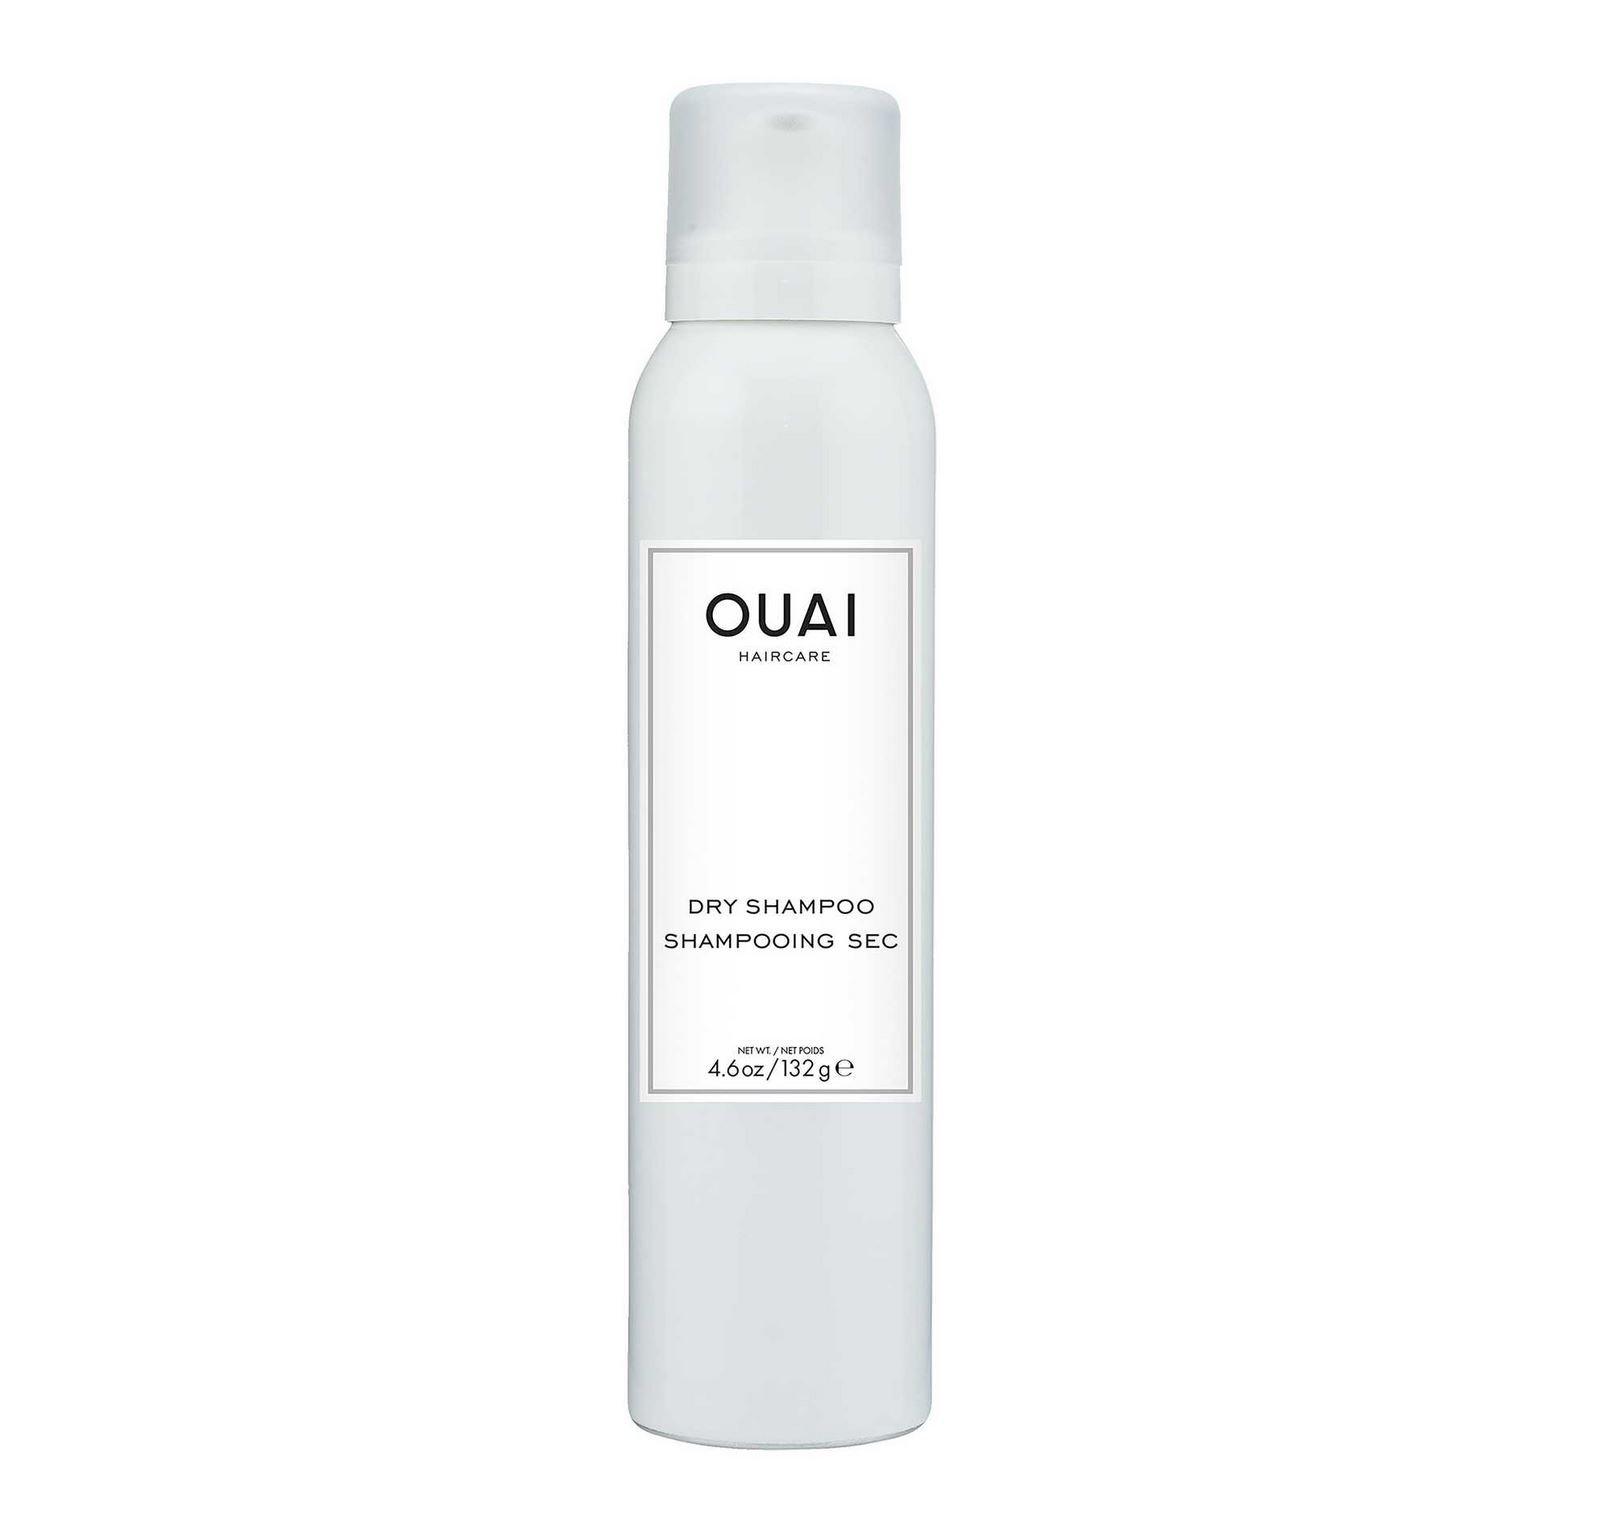 OUAI Haircare Dry Shampoo - 4.6 oz.